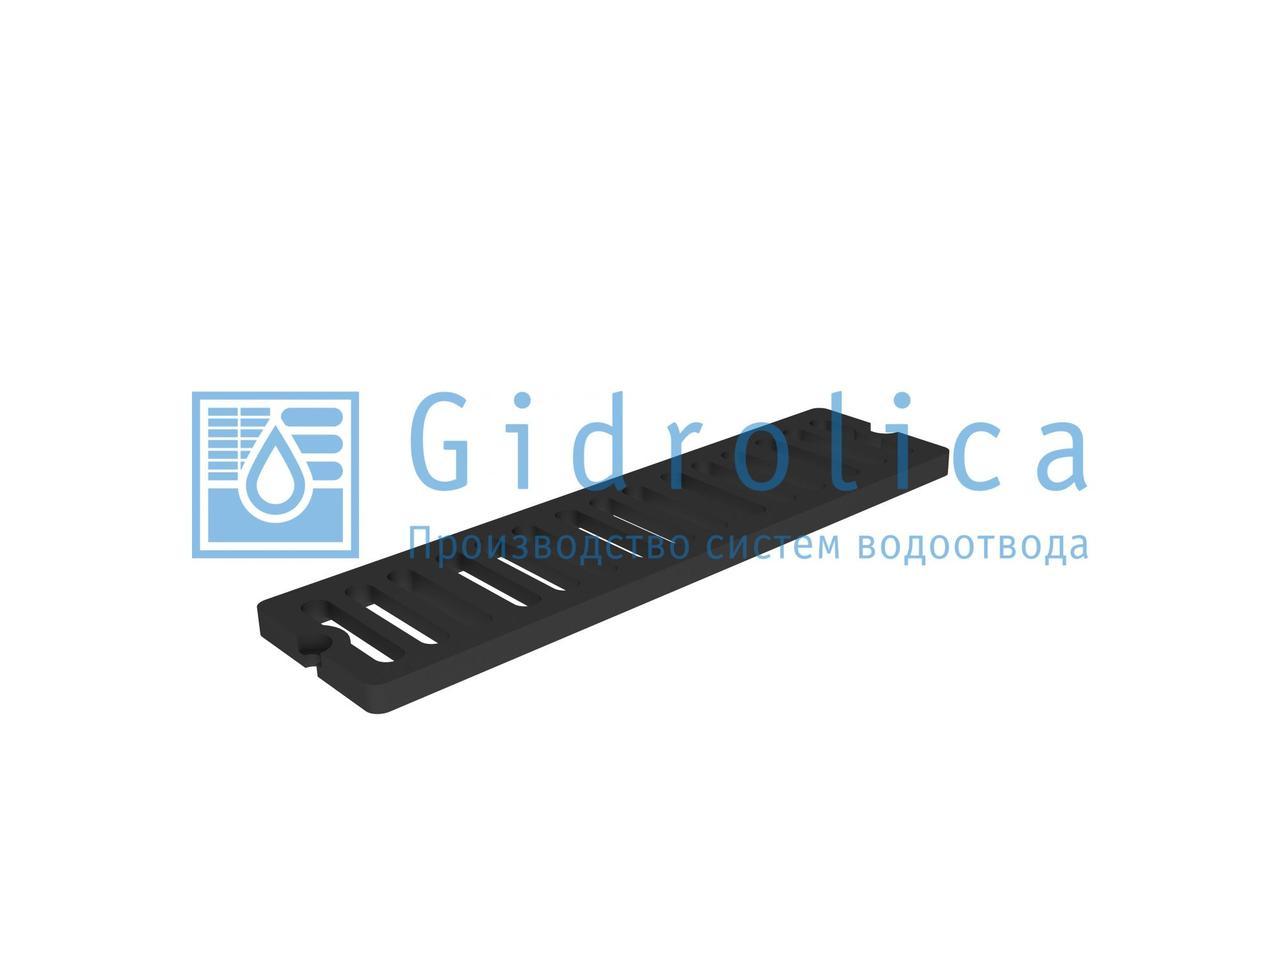 Решетка водоприемная СЧ 750*300*27 – чугунная, кл. D400